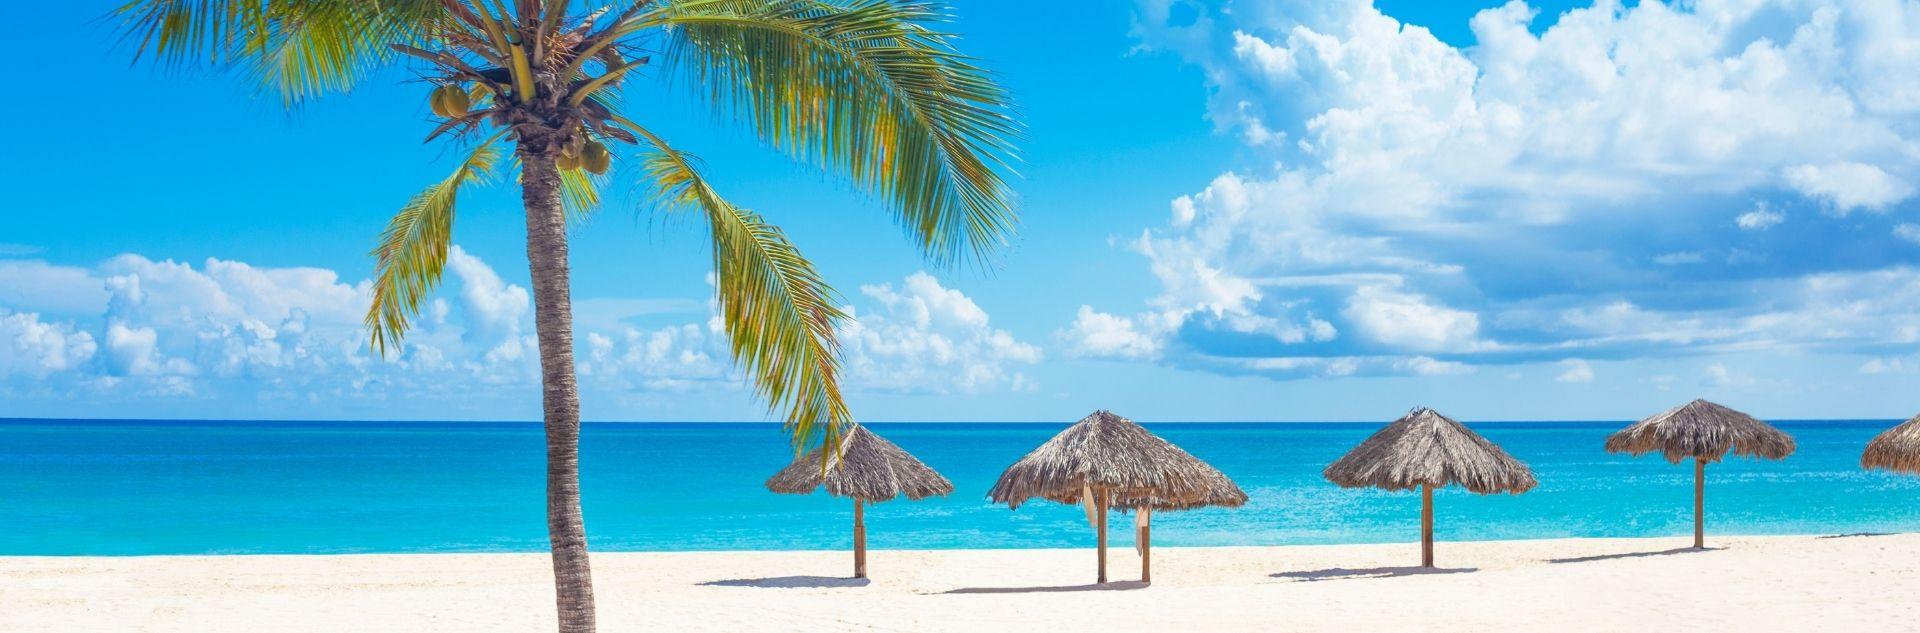 Curacao, Strand mit Palmen und Sonnenschirmen